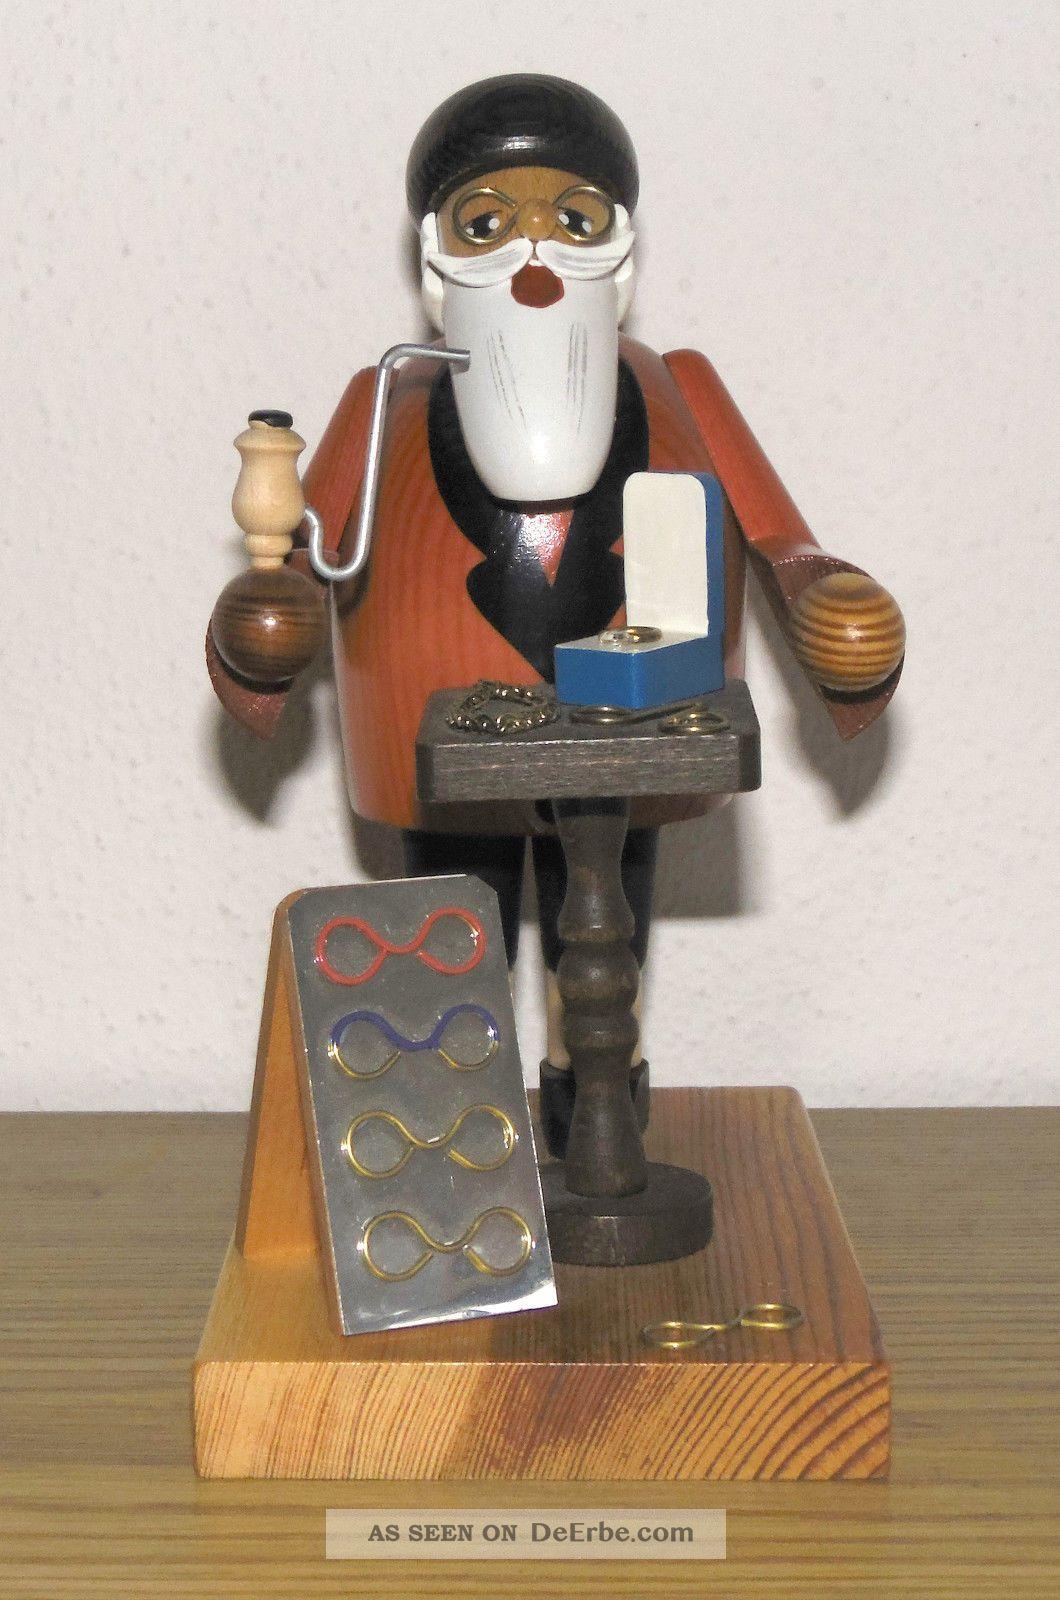 Räuchermännchen - Räucherfigur - Brillenhändler - Kwo - Erzgebirge - 2001 Objekte nach 1945 Bild